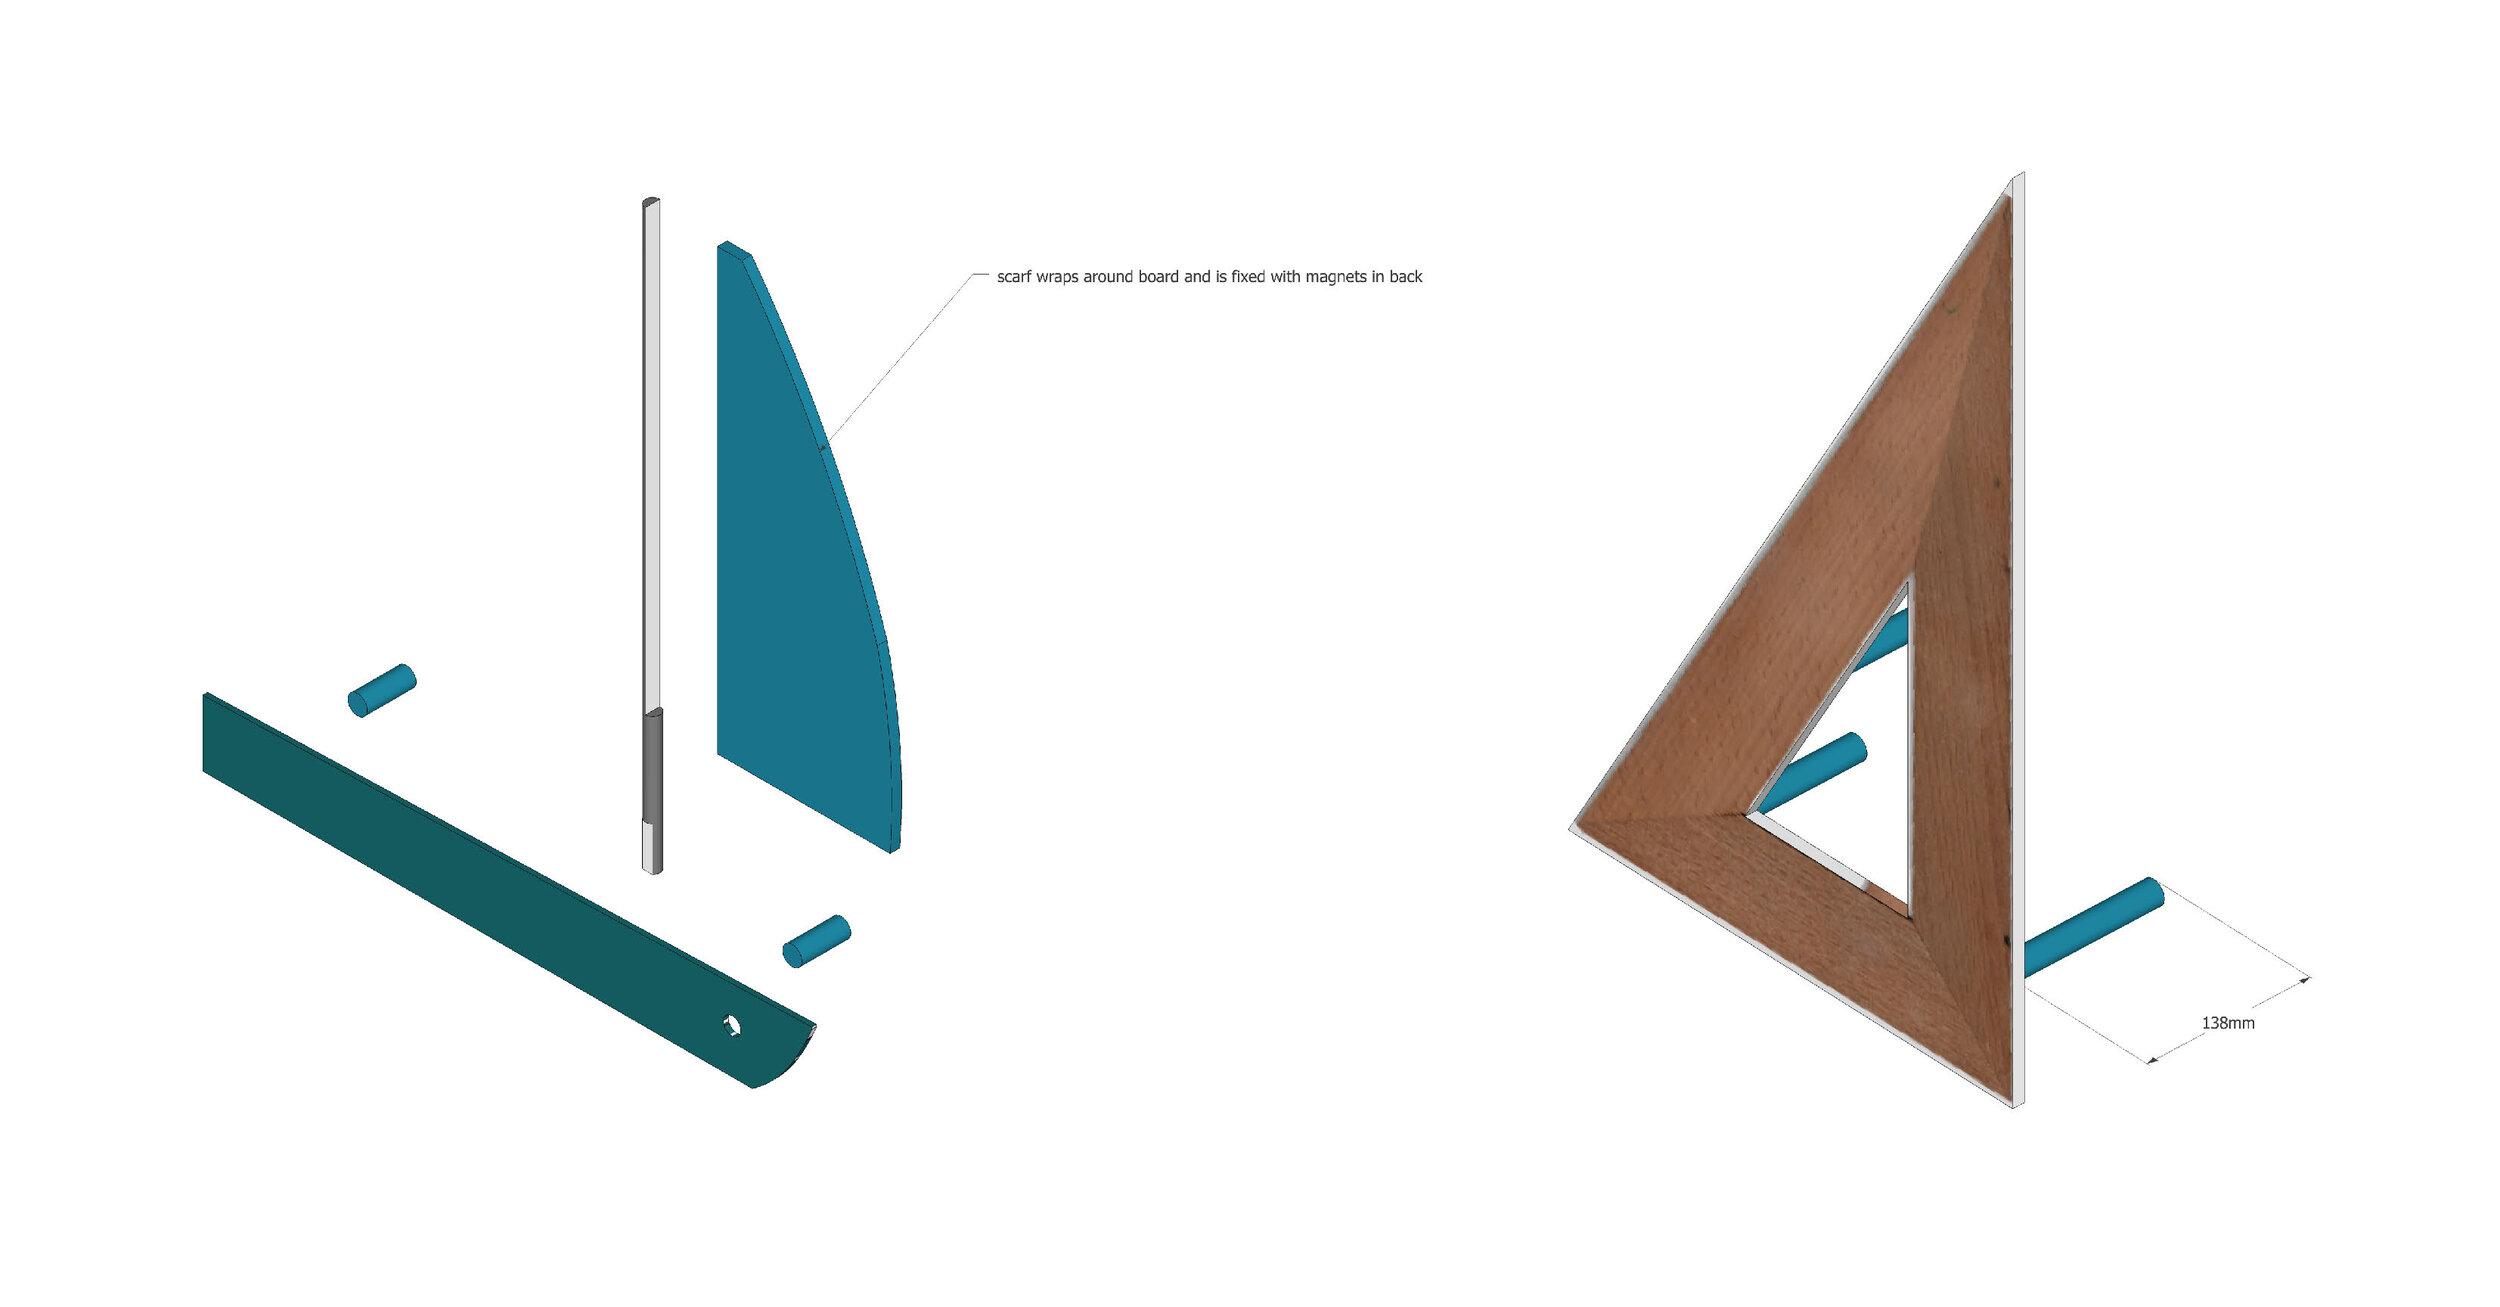 Hermès_Dimensions_Window 4_Revised_Page_05.jpg